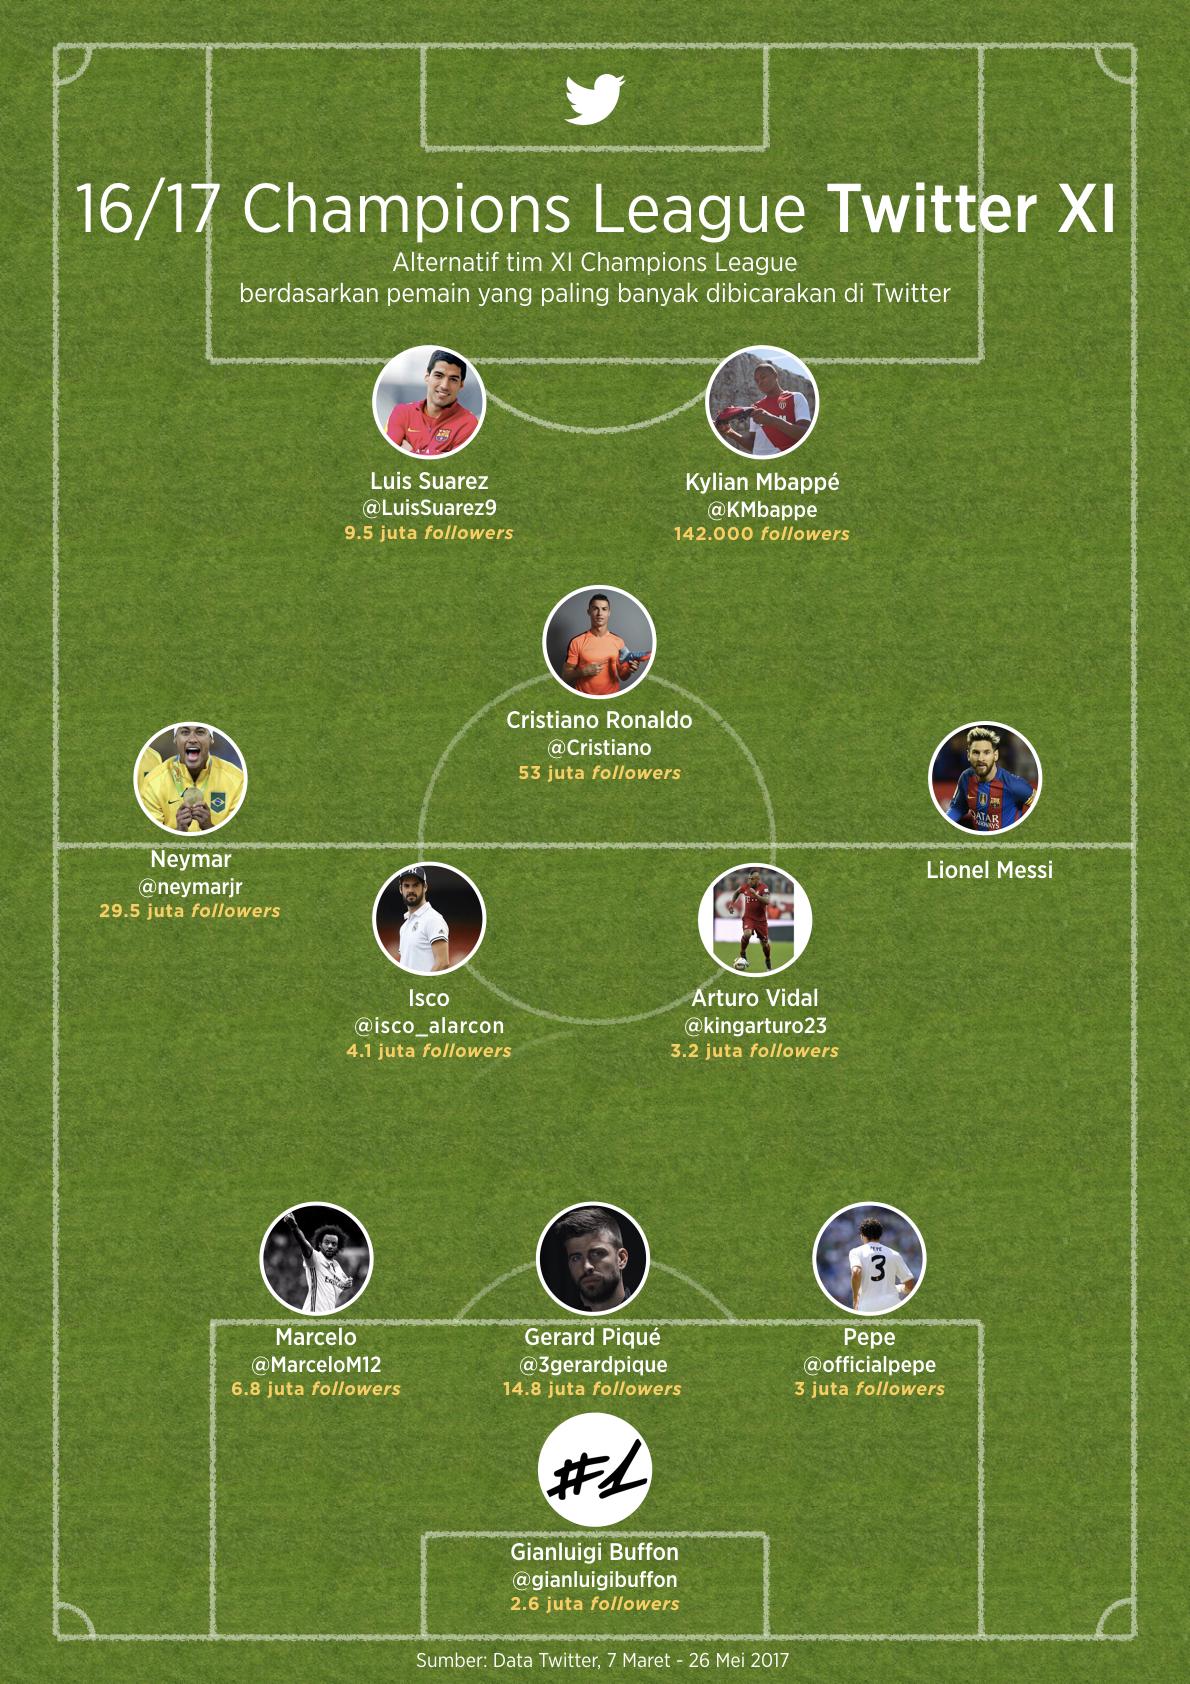 Skuat Terbaik Liga Champions 2016/17 Versi Twitter